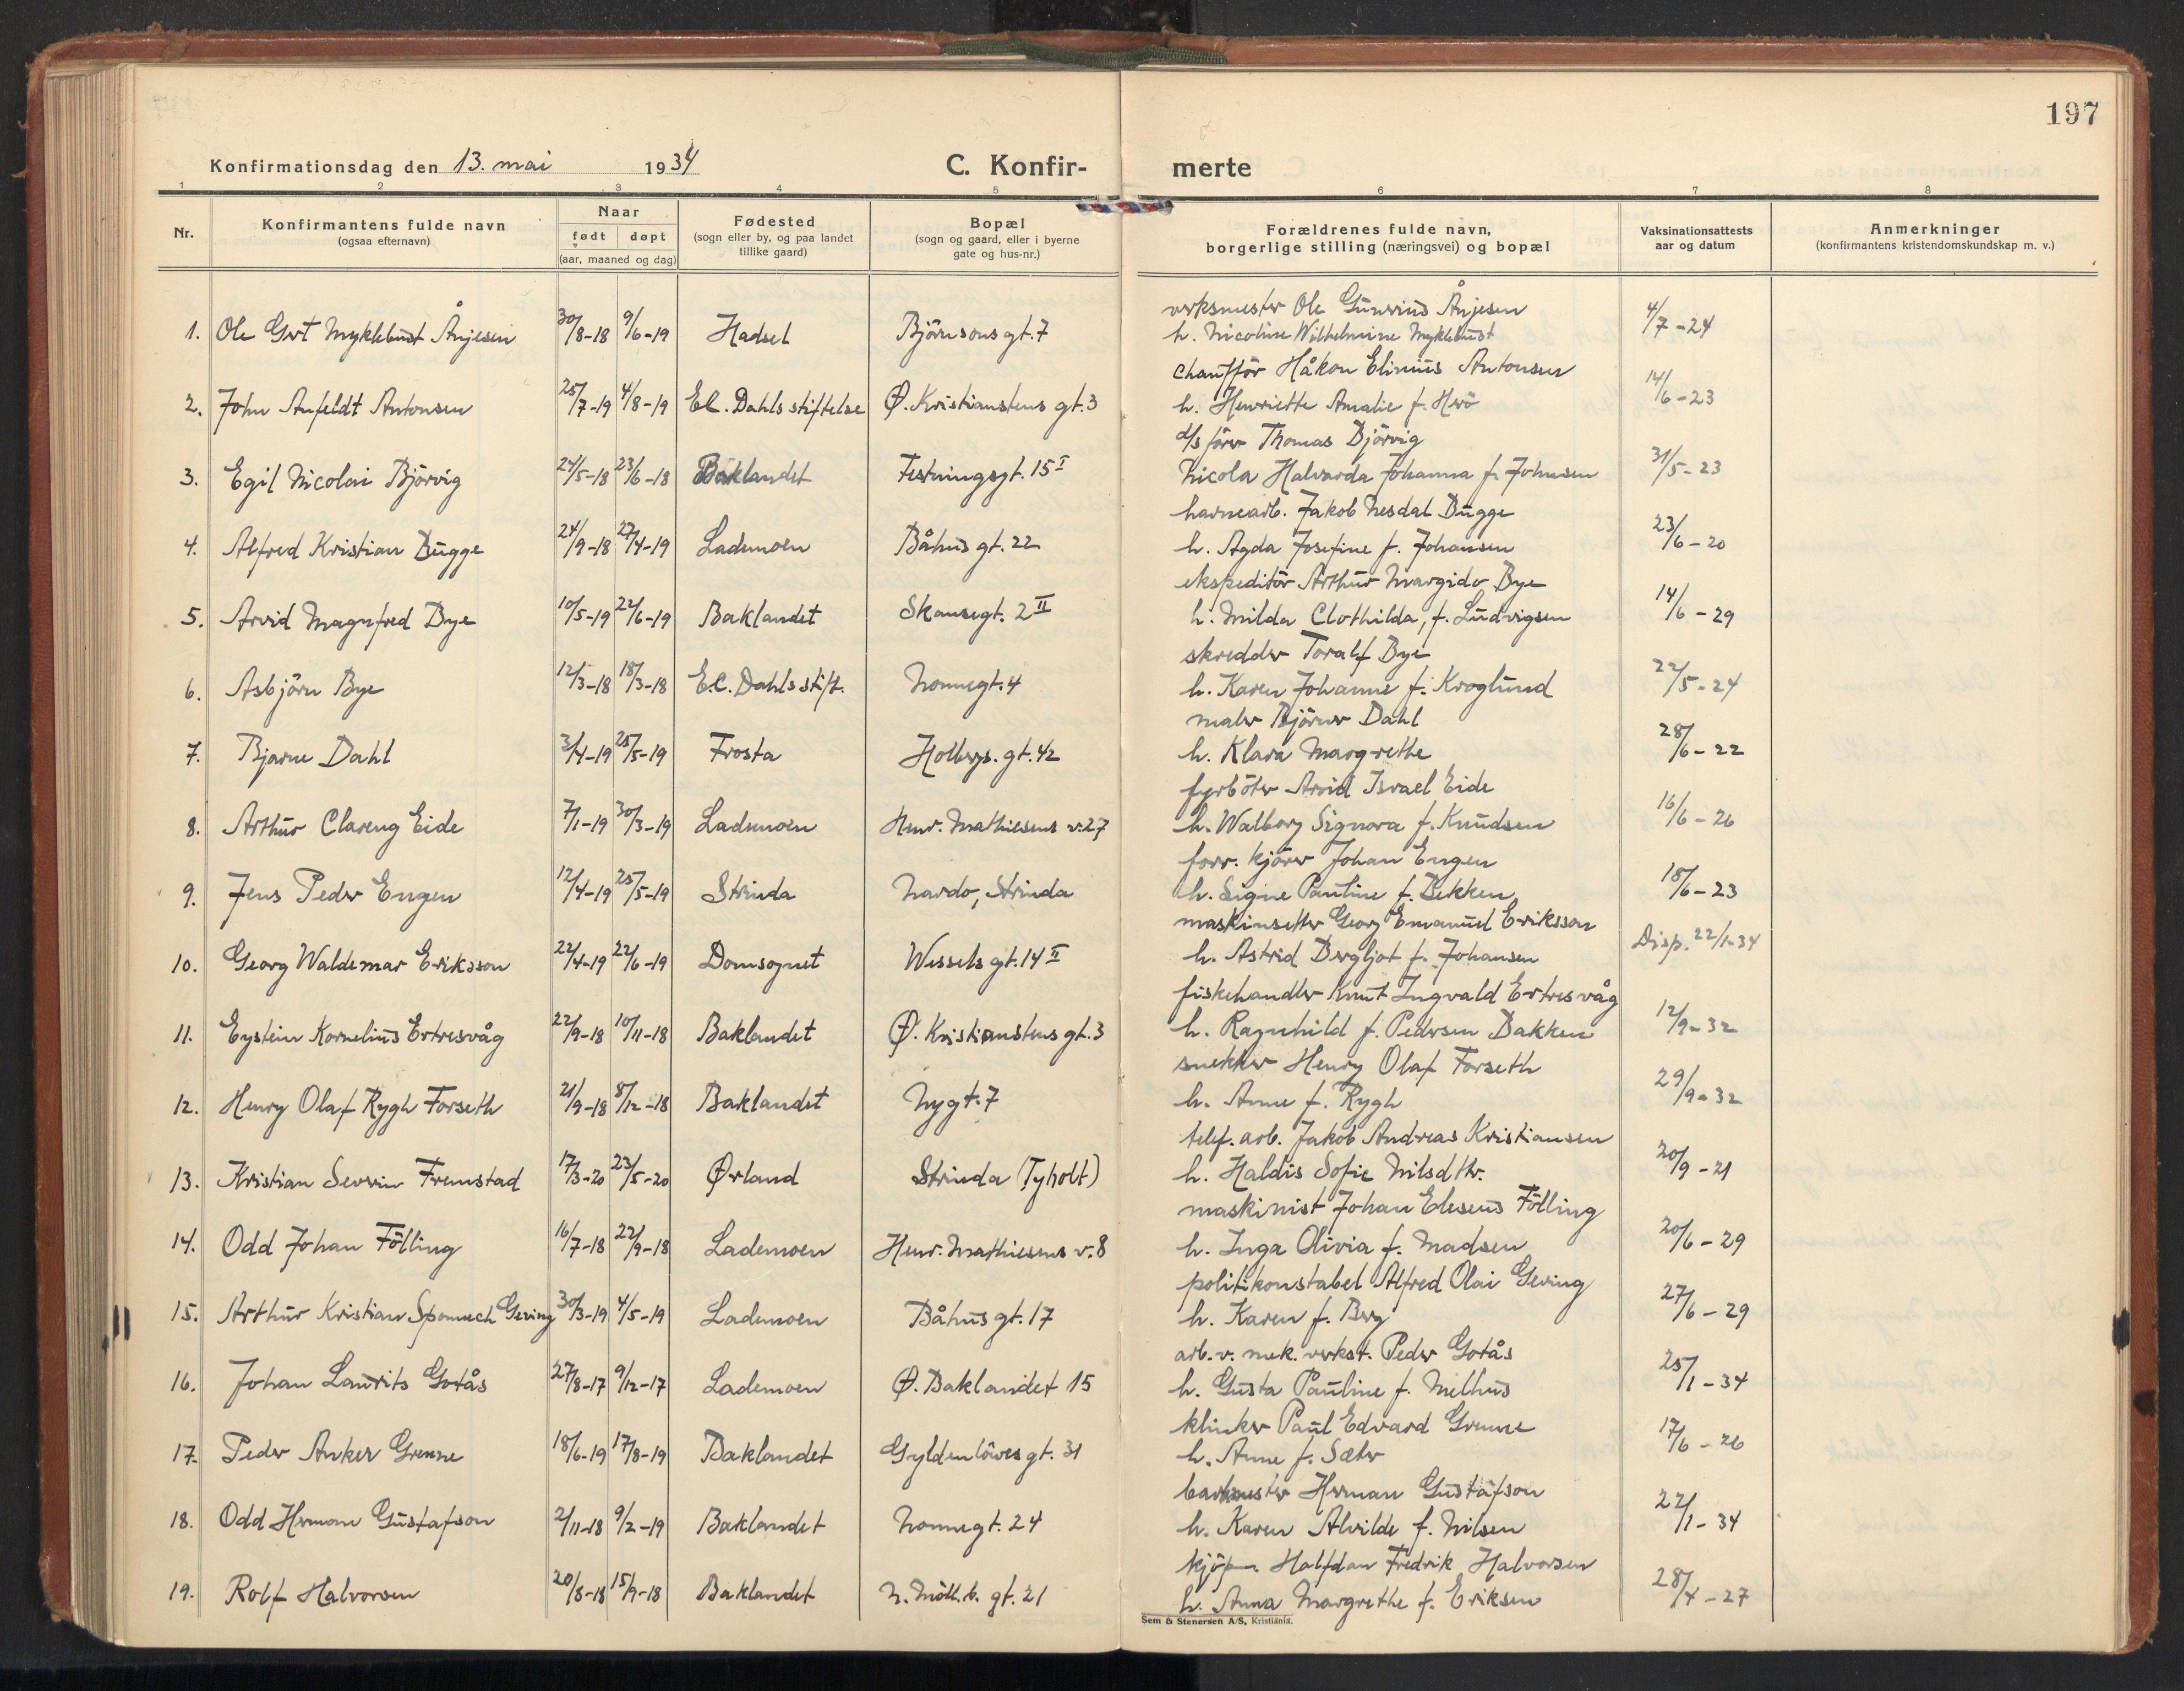 SAT, Ministerialprotokoller, klokkerbøker og fødselsregistre - Sør-Trøndelag, 604/L0208: Ministerialbok nr. 604A28, 1923-1937, s. 197